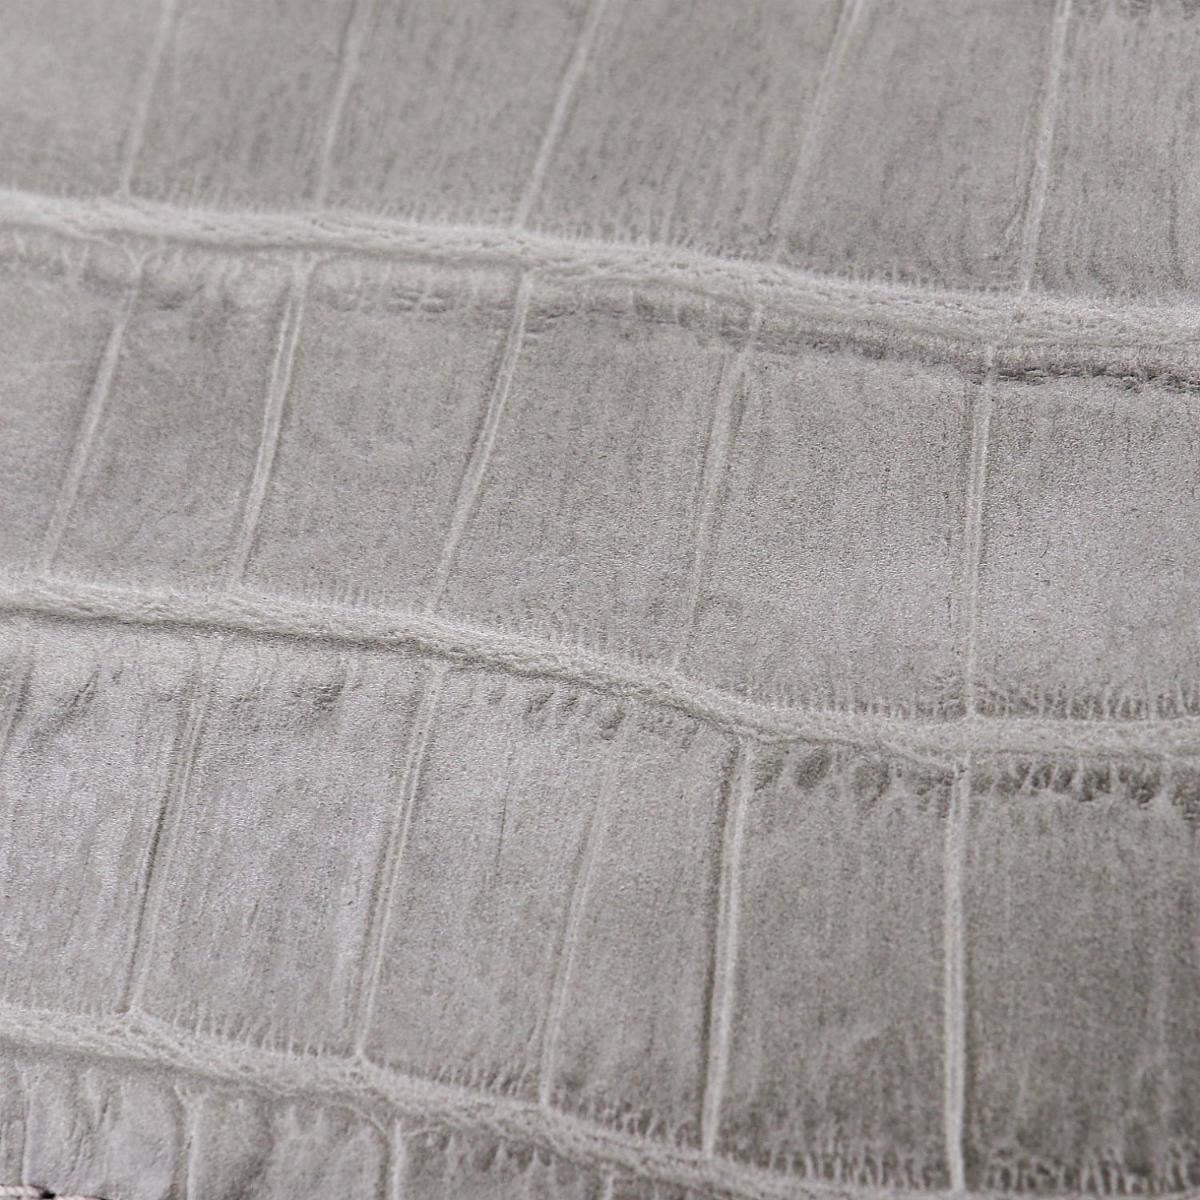 フェリージ Felisi クロコダイル型押し エンボスレザー L字ジップ 2つ折り財布 1058/SA FLS GREY(グレー)春夏新作